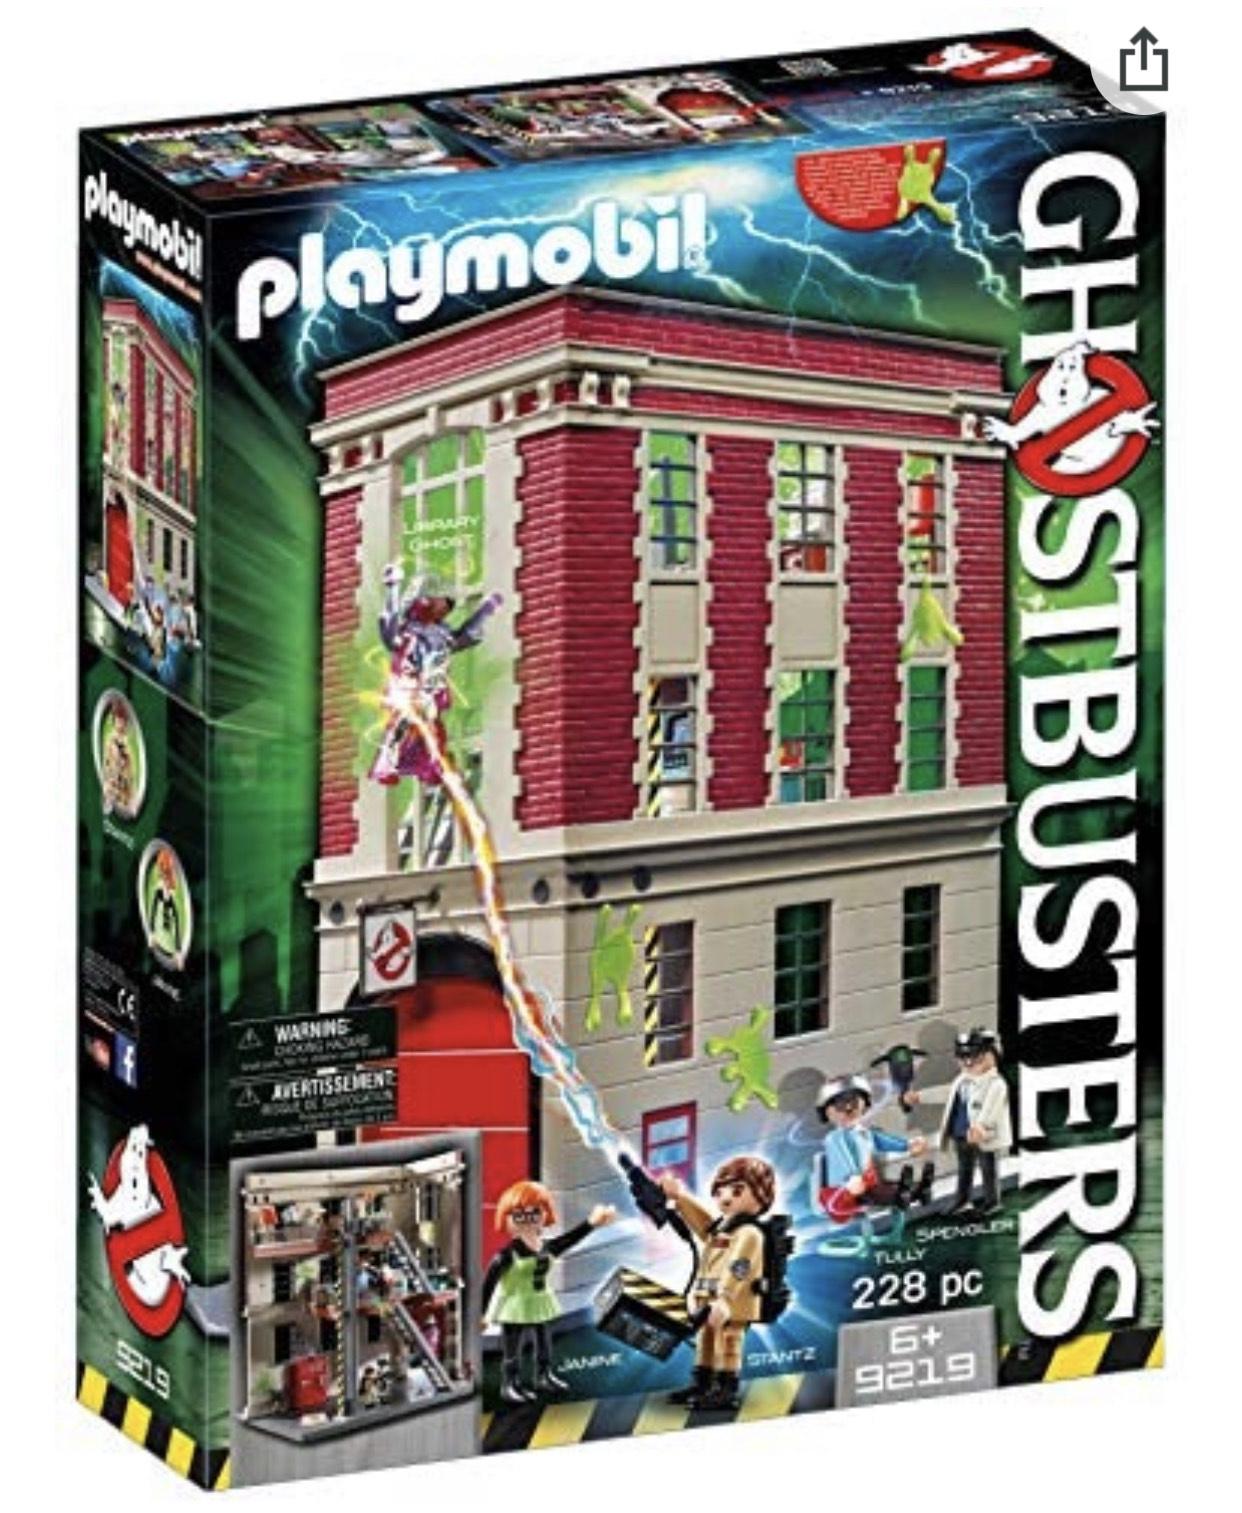 [Prime] Playmobil Ghostbusters - Quartier Général Ghostbusters (9219)